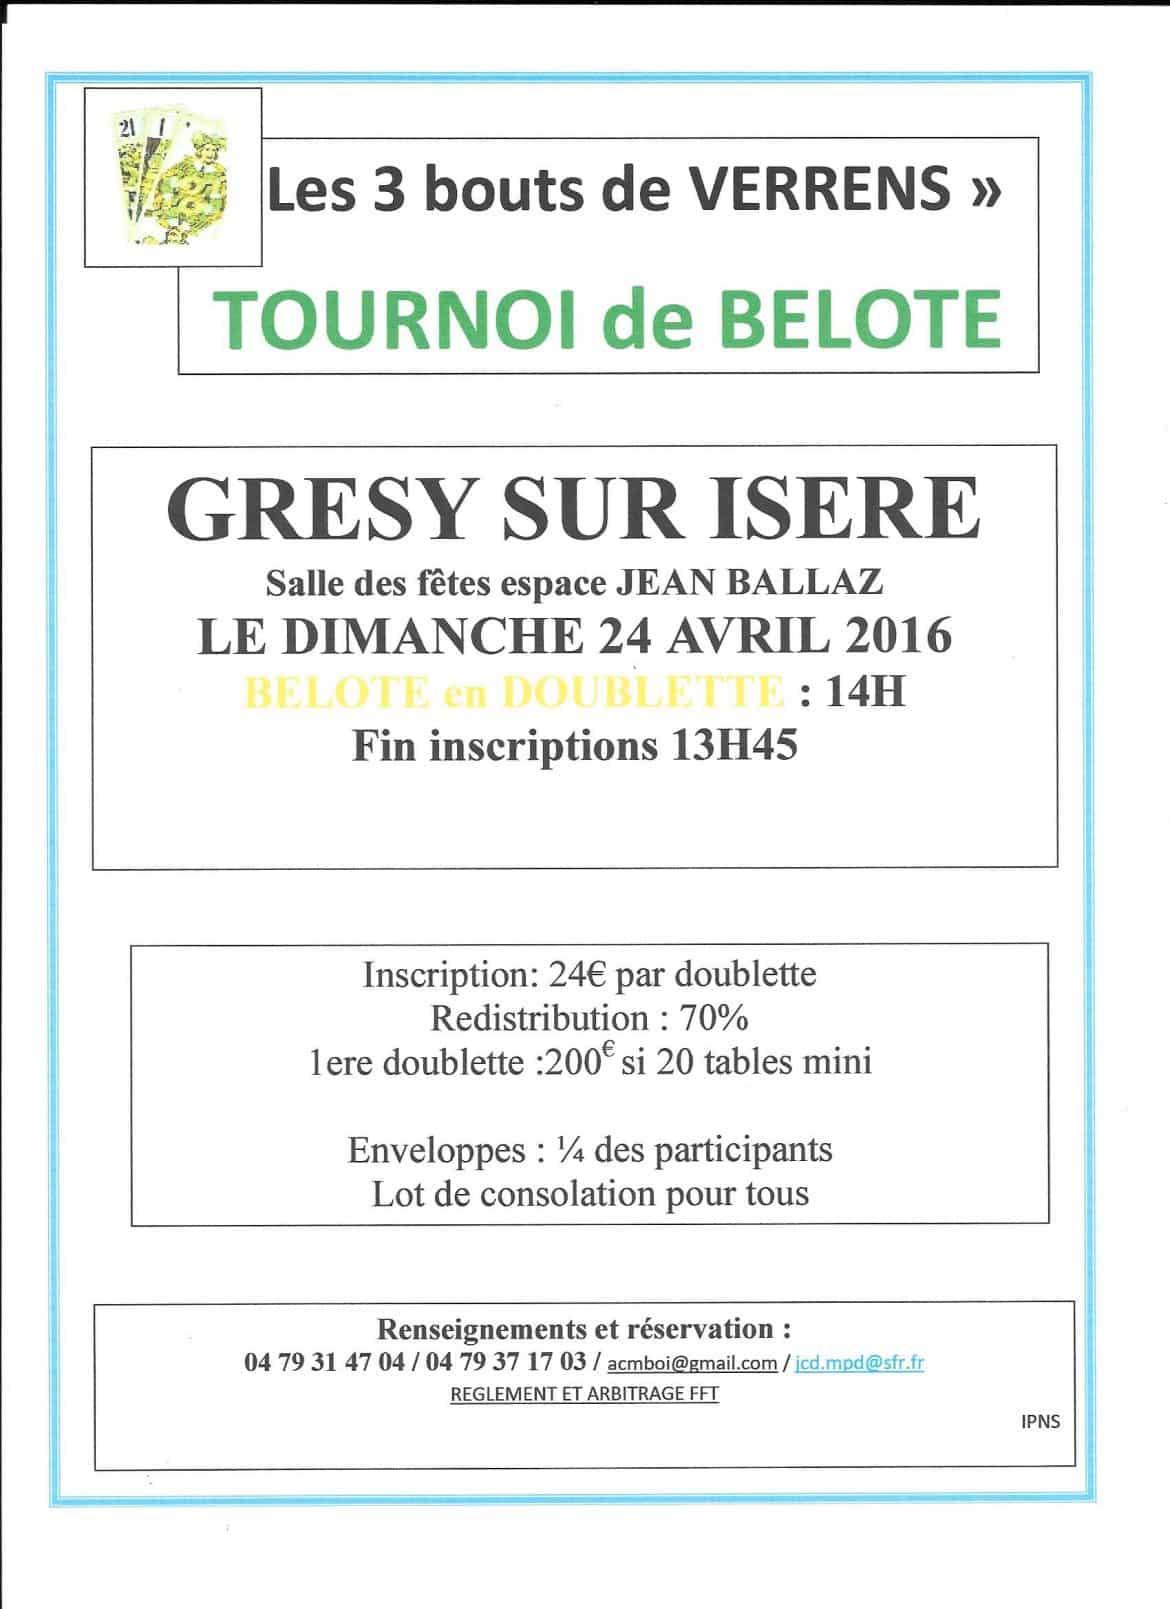 Affiche du Tournoi de belote dimanche 24 04 2016 à GRESY sur ISERE 73460